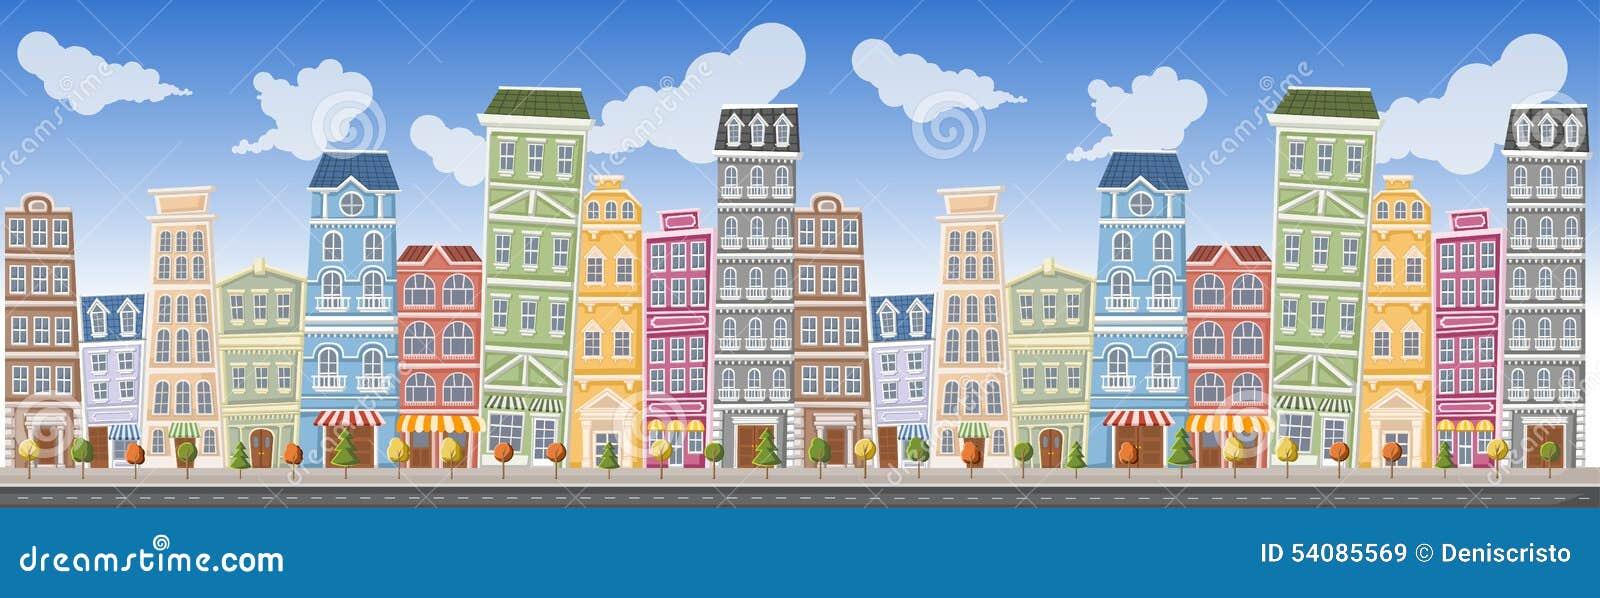 Groot kleurrijk stadslandschap